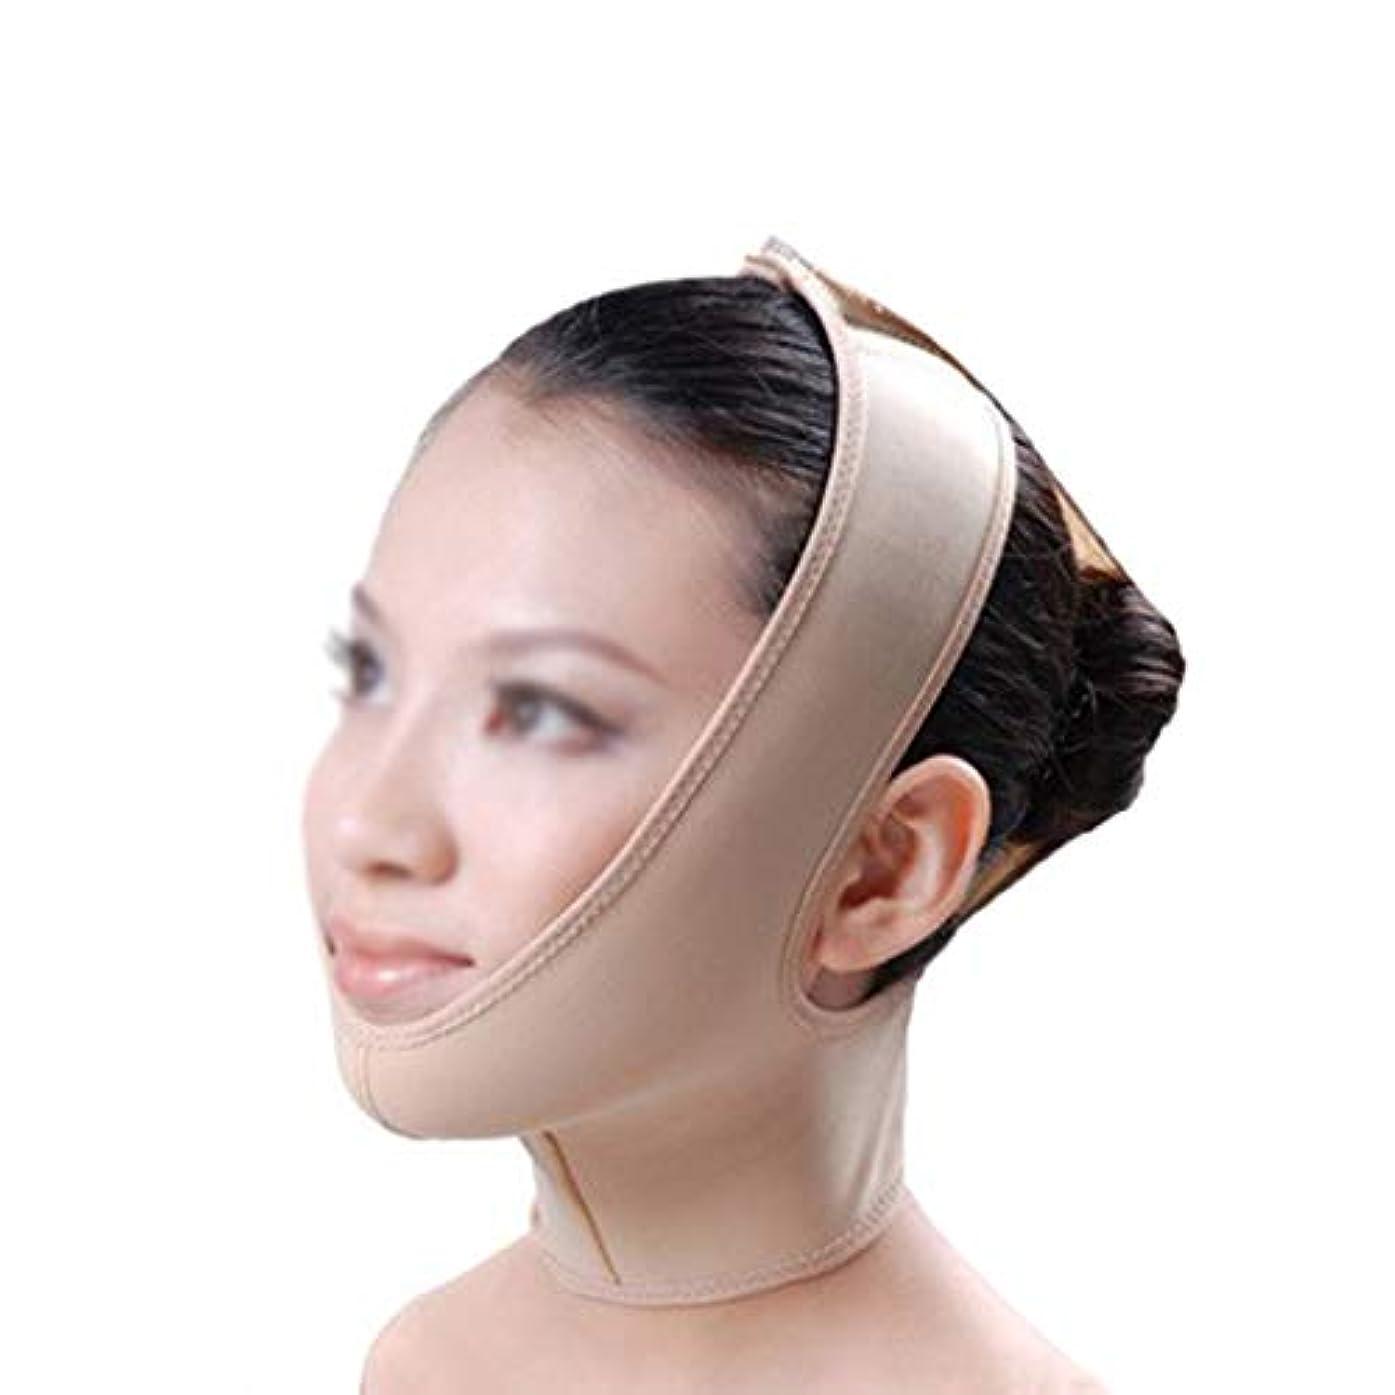 飾るシンプルな腹痛ダブルチンストラップ、包帯リフト、引き締めフェイシャルリフト、フェイシャル減量マスク、リフティングスキン包帯,男性と女性の両方が使用できます (Size : M)